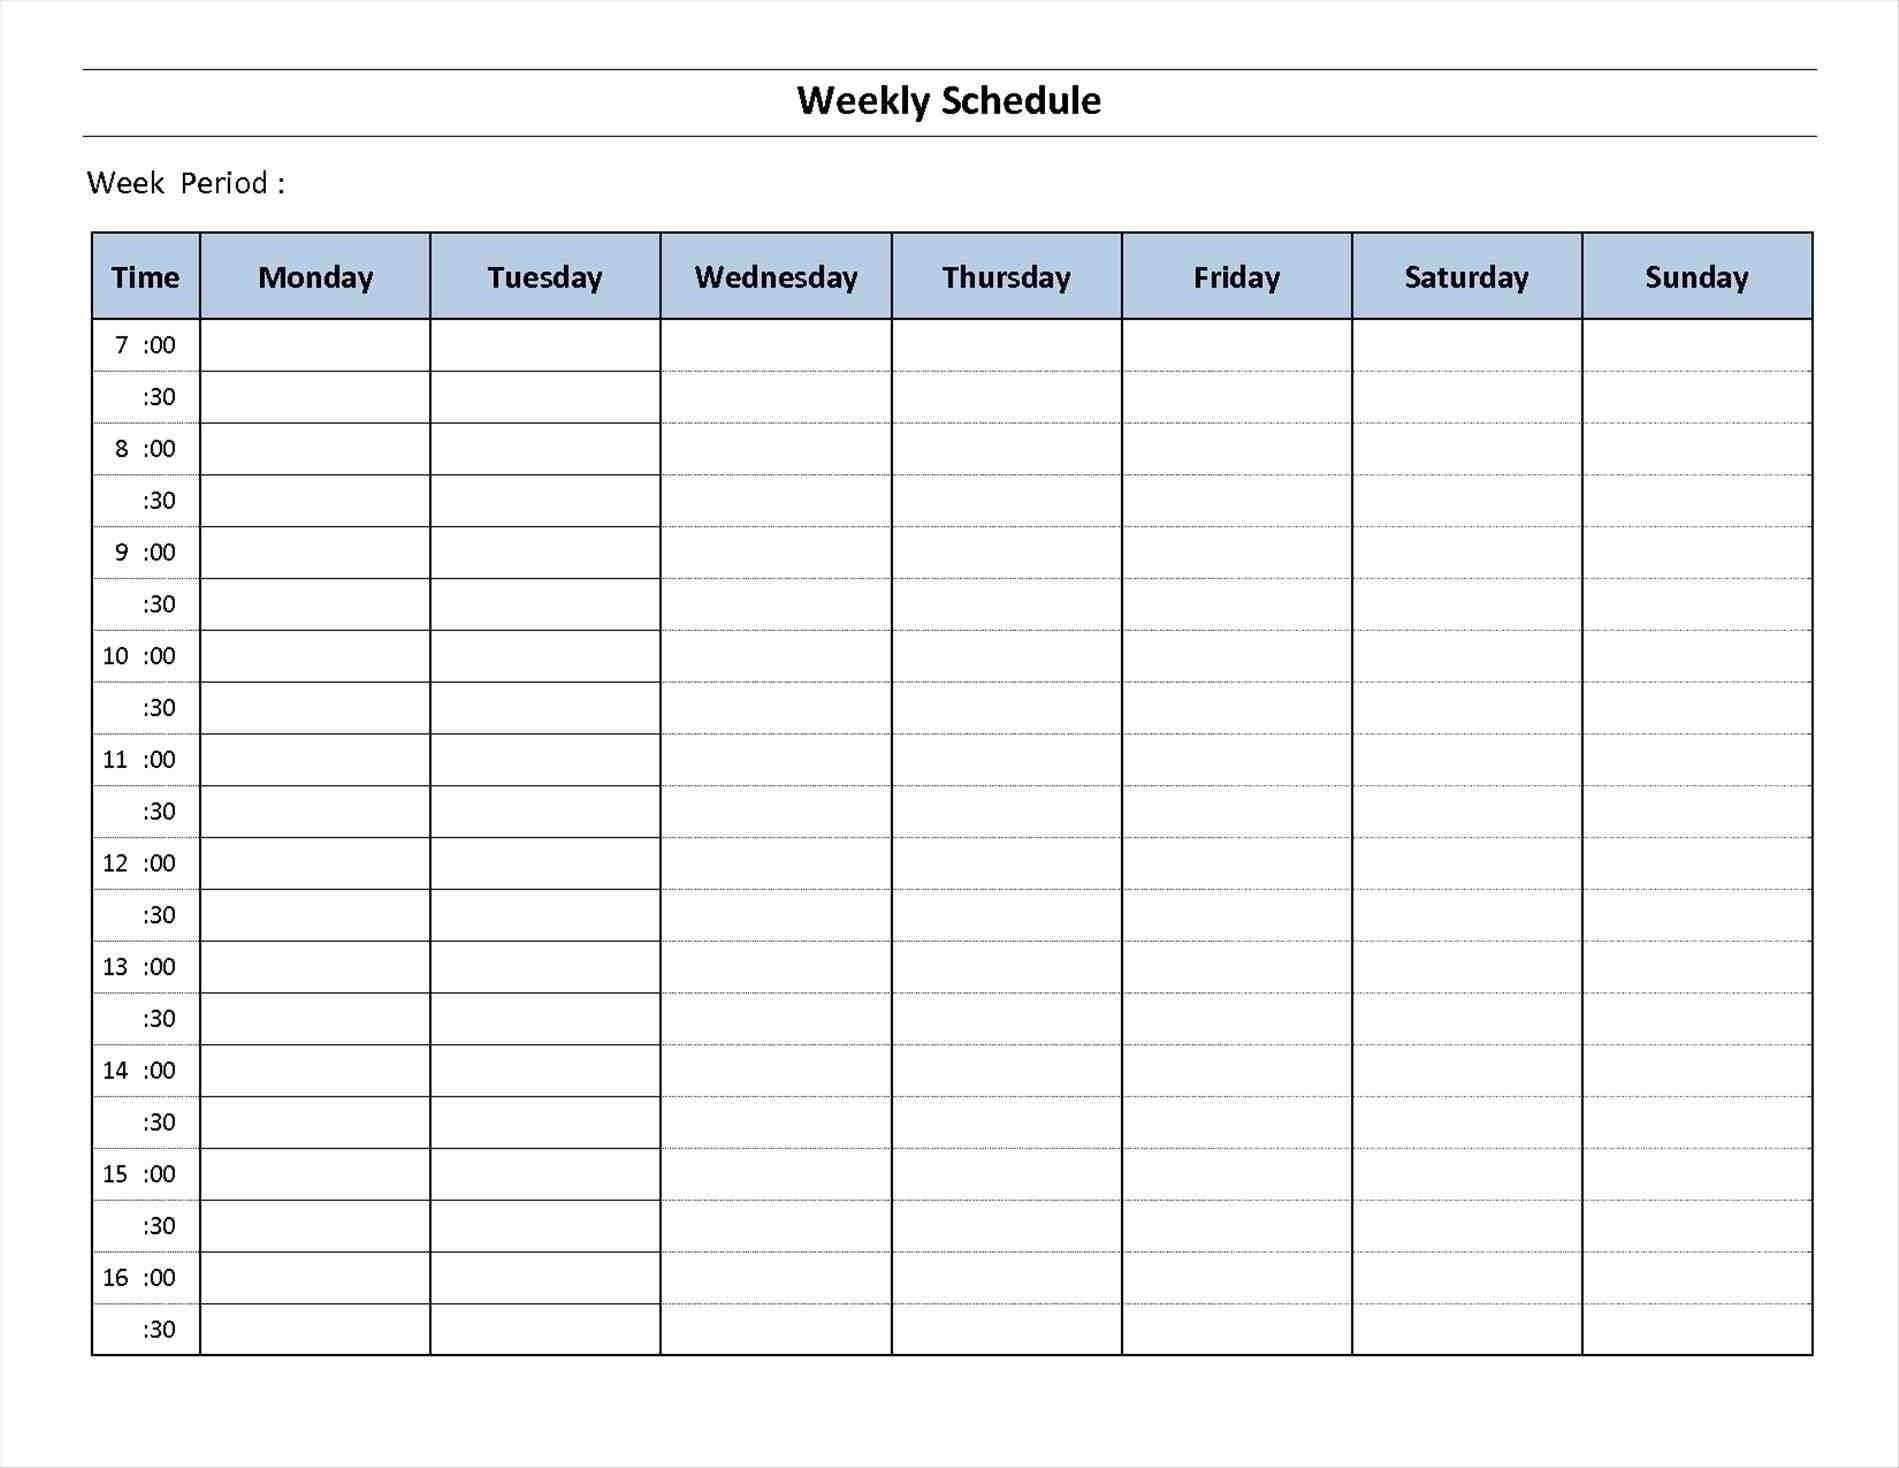 Schedule Template Day Week Calendar Printable Blank | Smorad inside Blank 7 Day Week Calendar